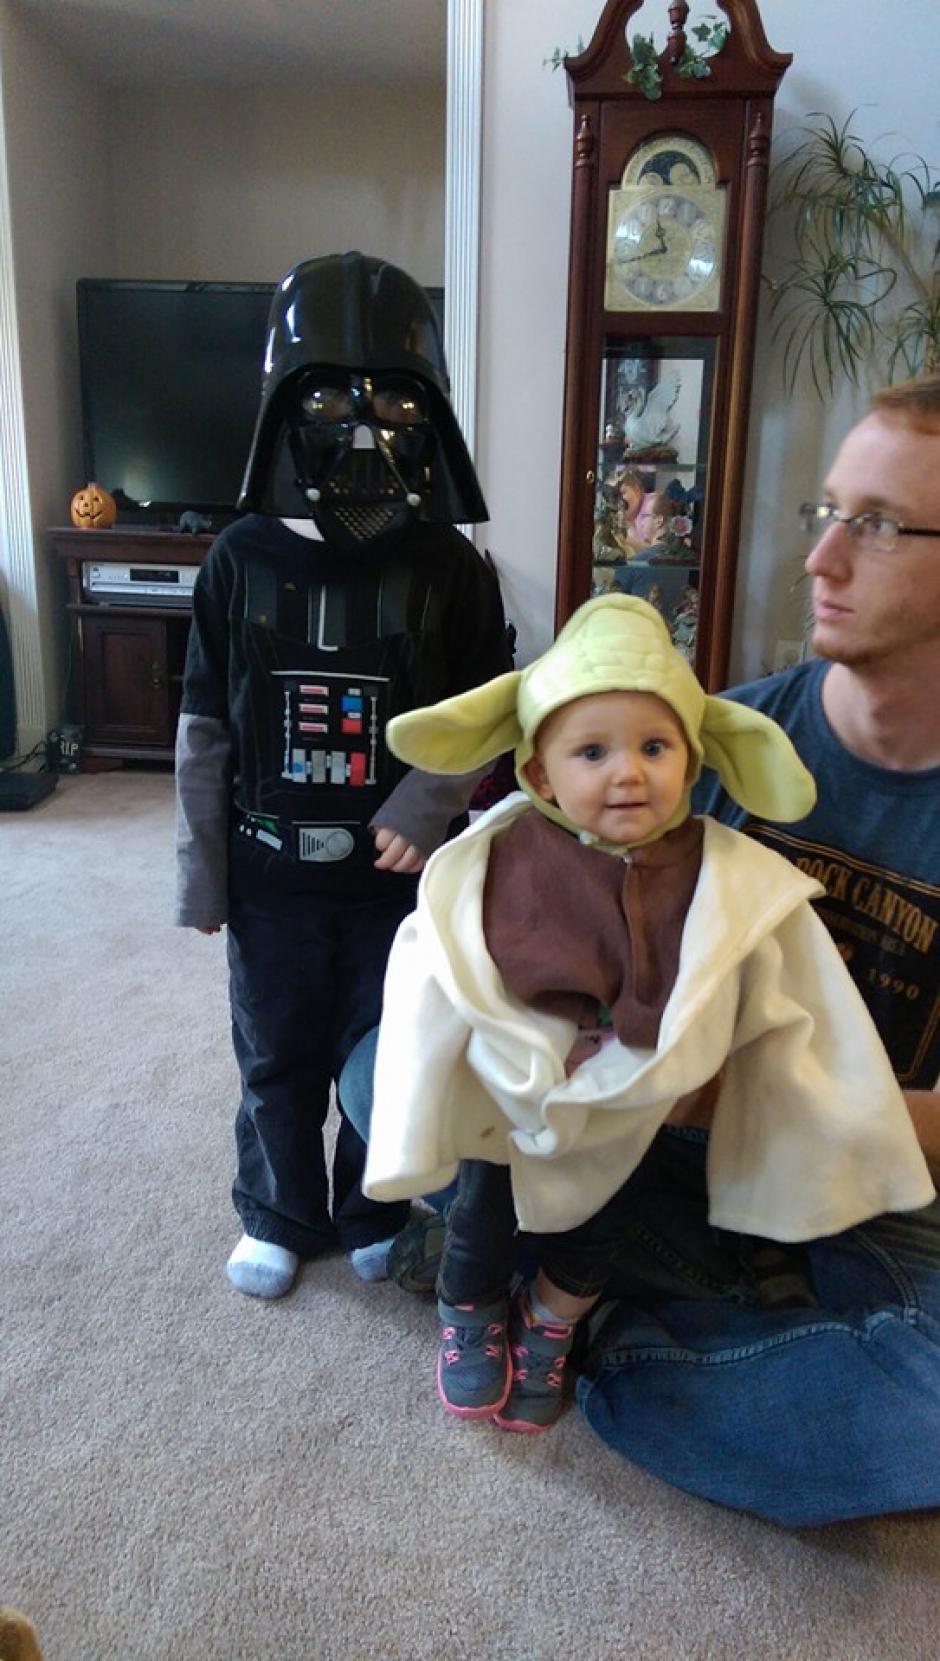 Star Wars se apodera de las redes sociales. (Foto:Facebook/Rachel H Gangloff)